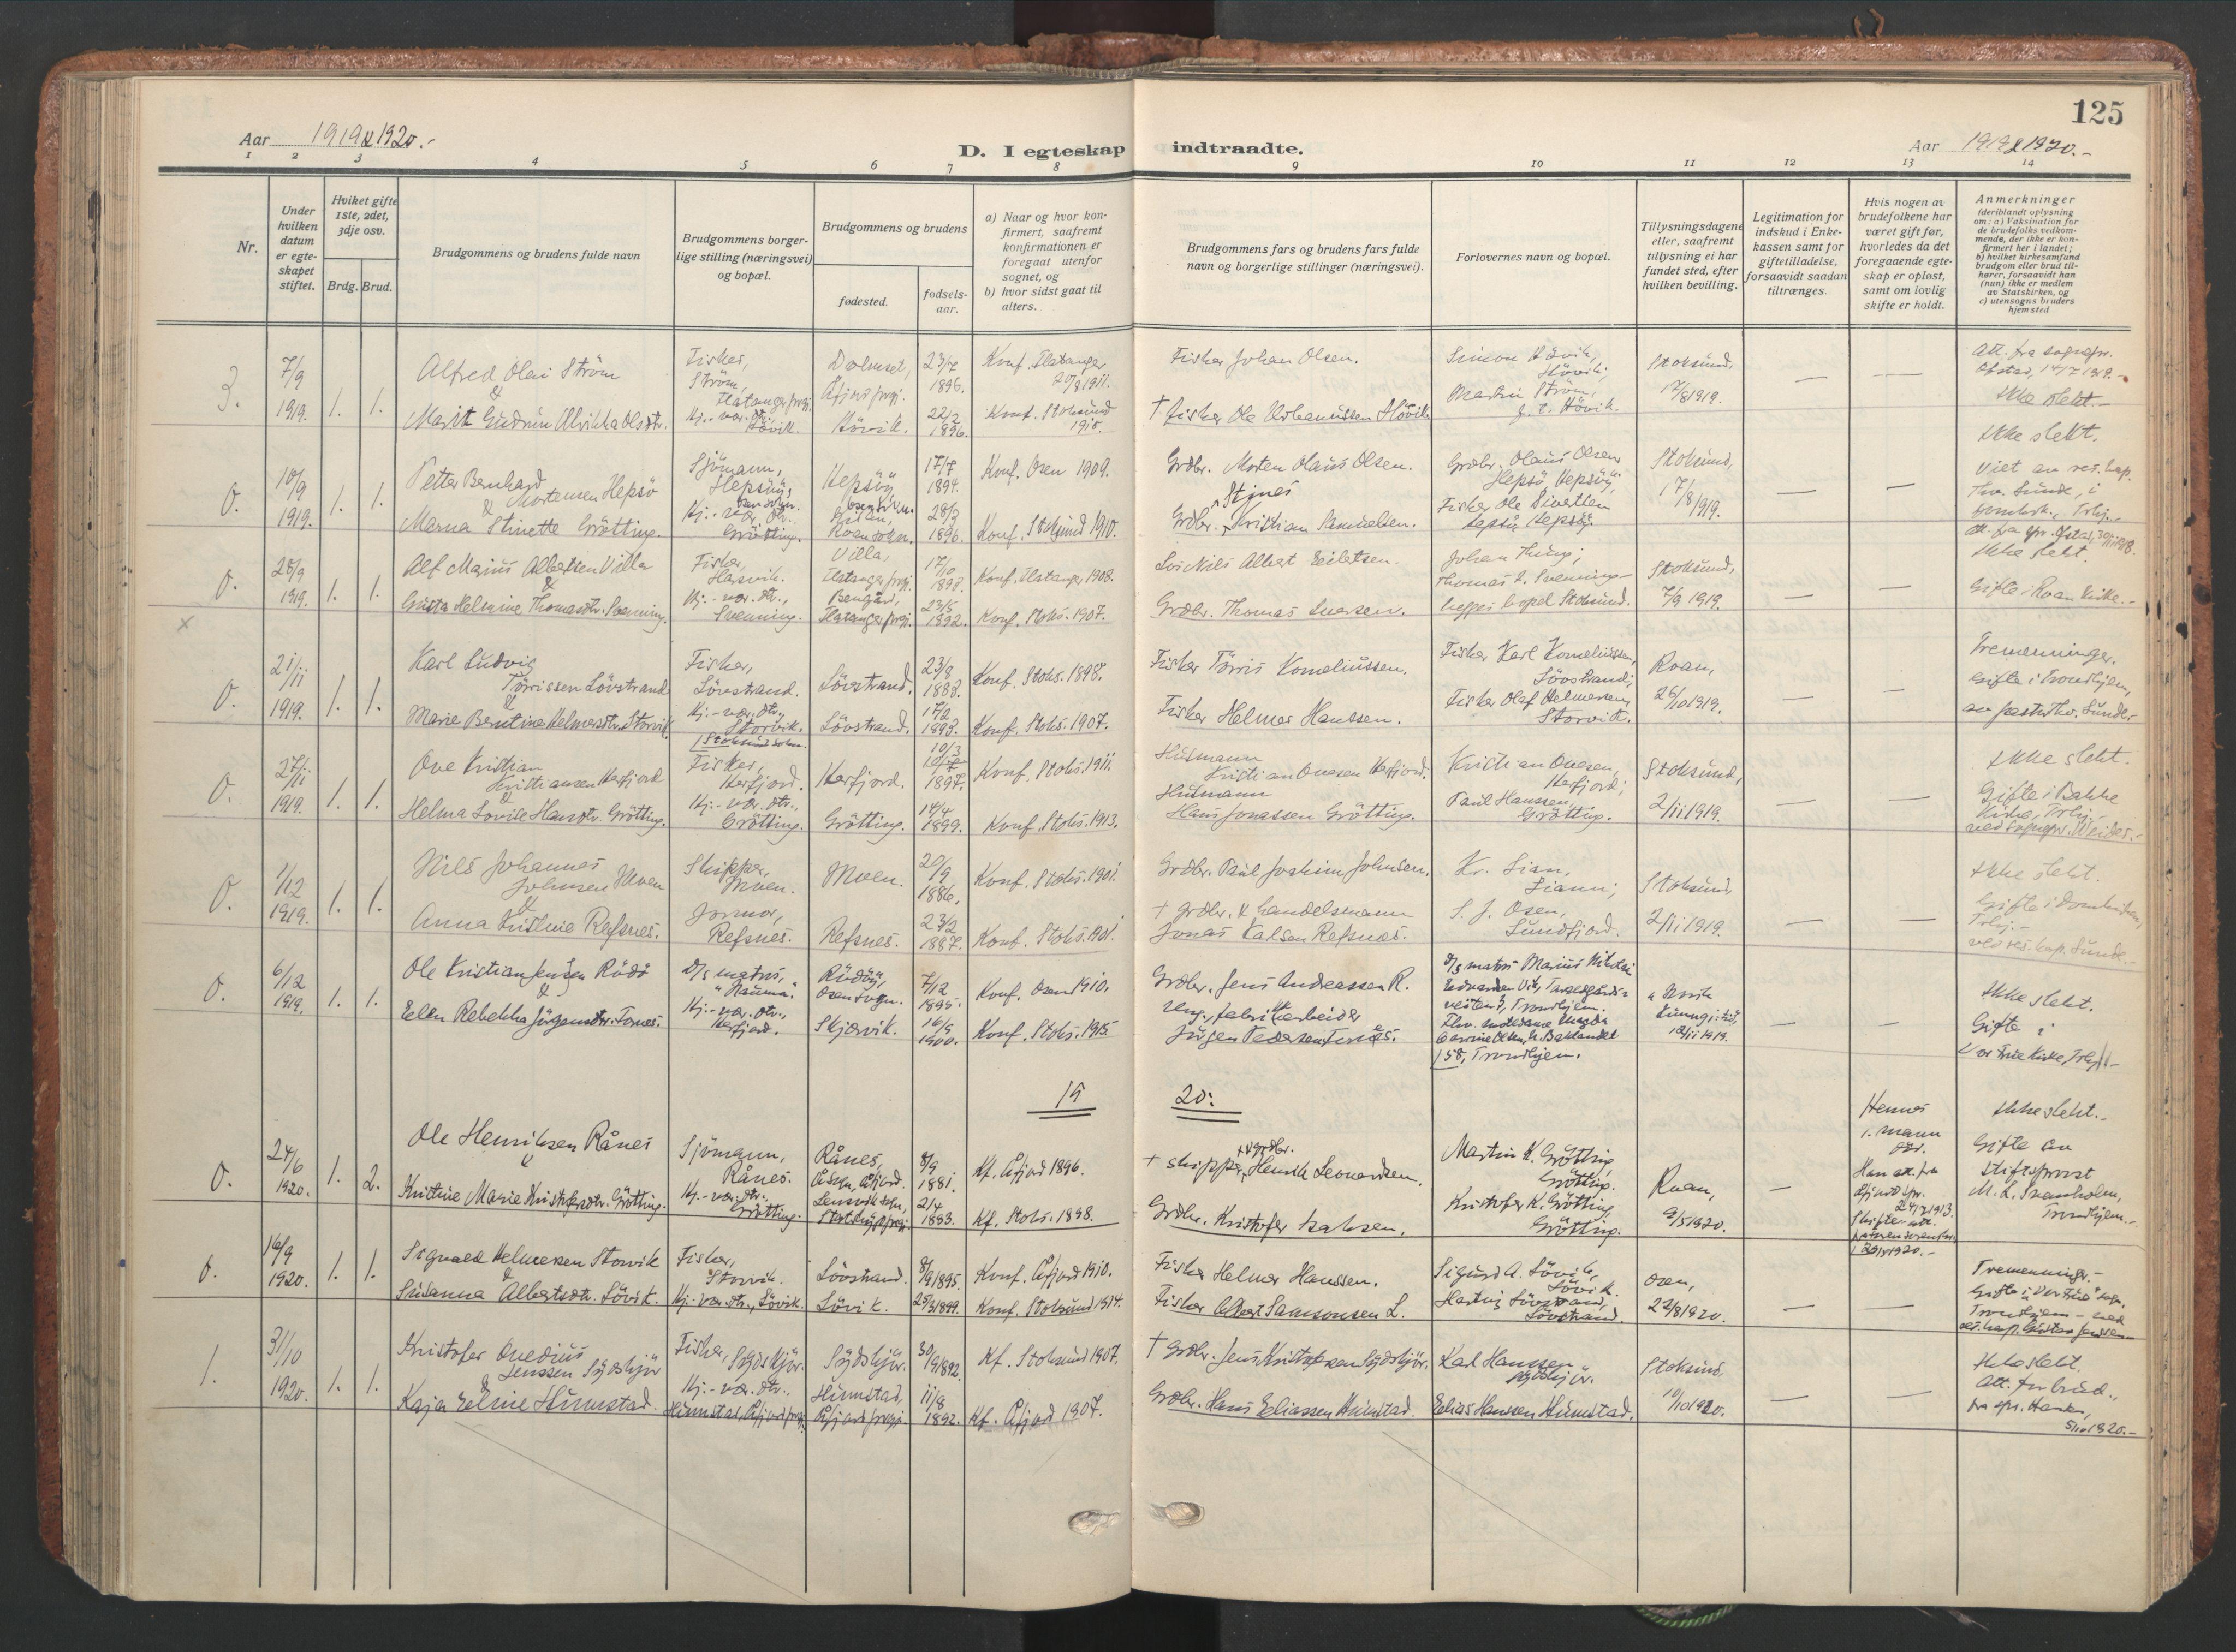 SAT, Ministerialprotokoller, klokkerbøker og fødselsregistre - Sør-Trøndelag, 656/L0694: Ministerialbok nr. 656A03, 1914-1931, s. 125